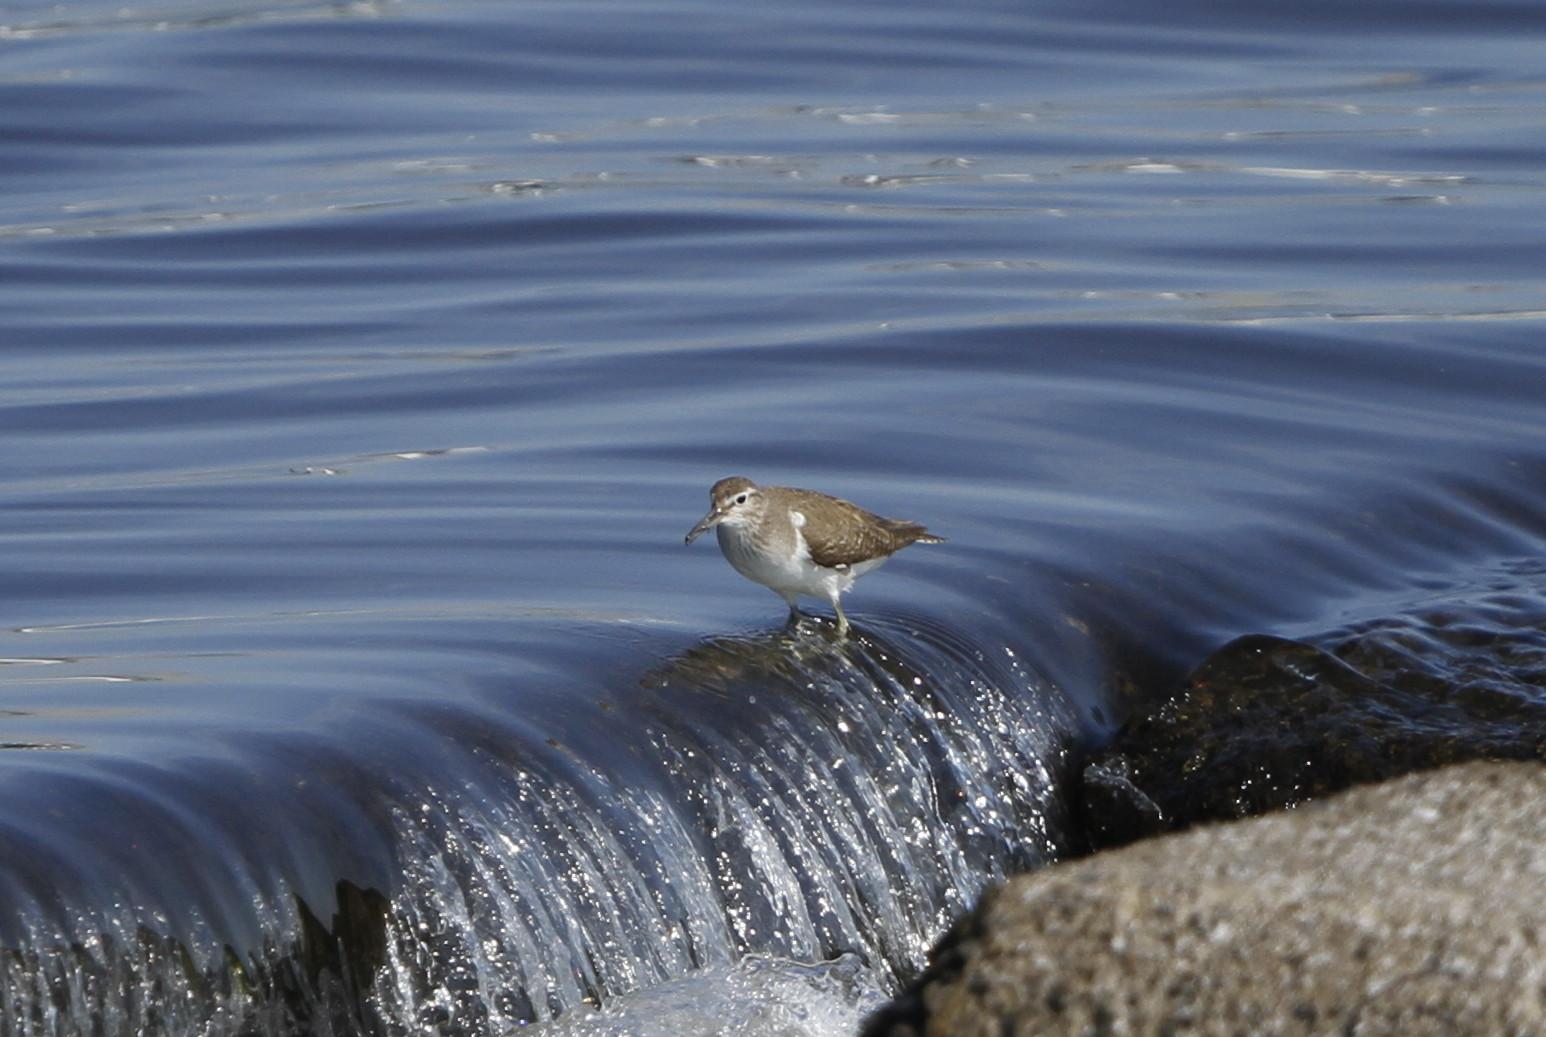 大きな川でイソシギに逢う_f0239515_14525842.jpg